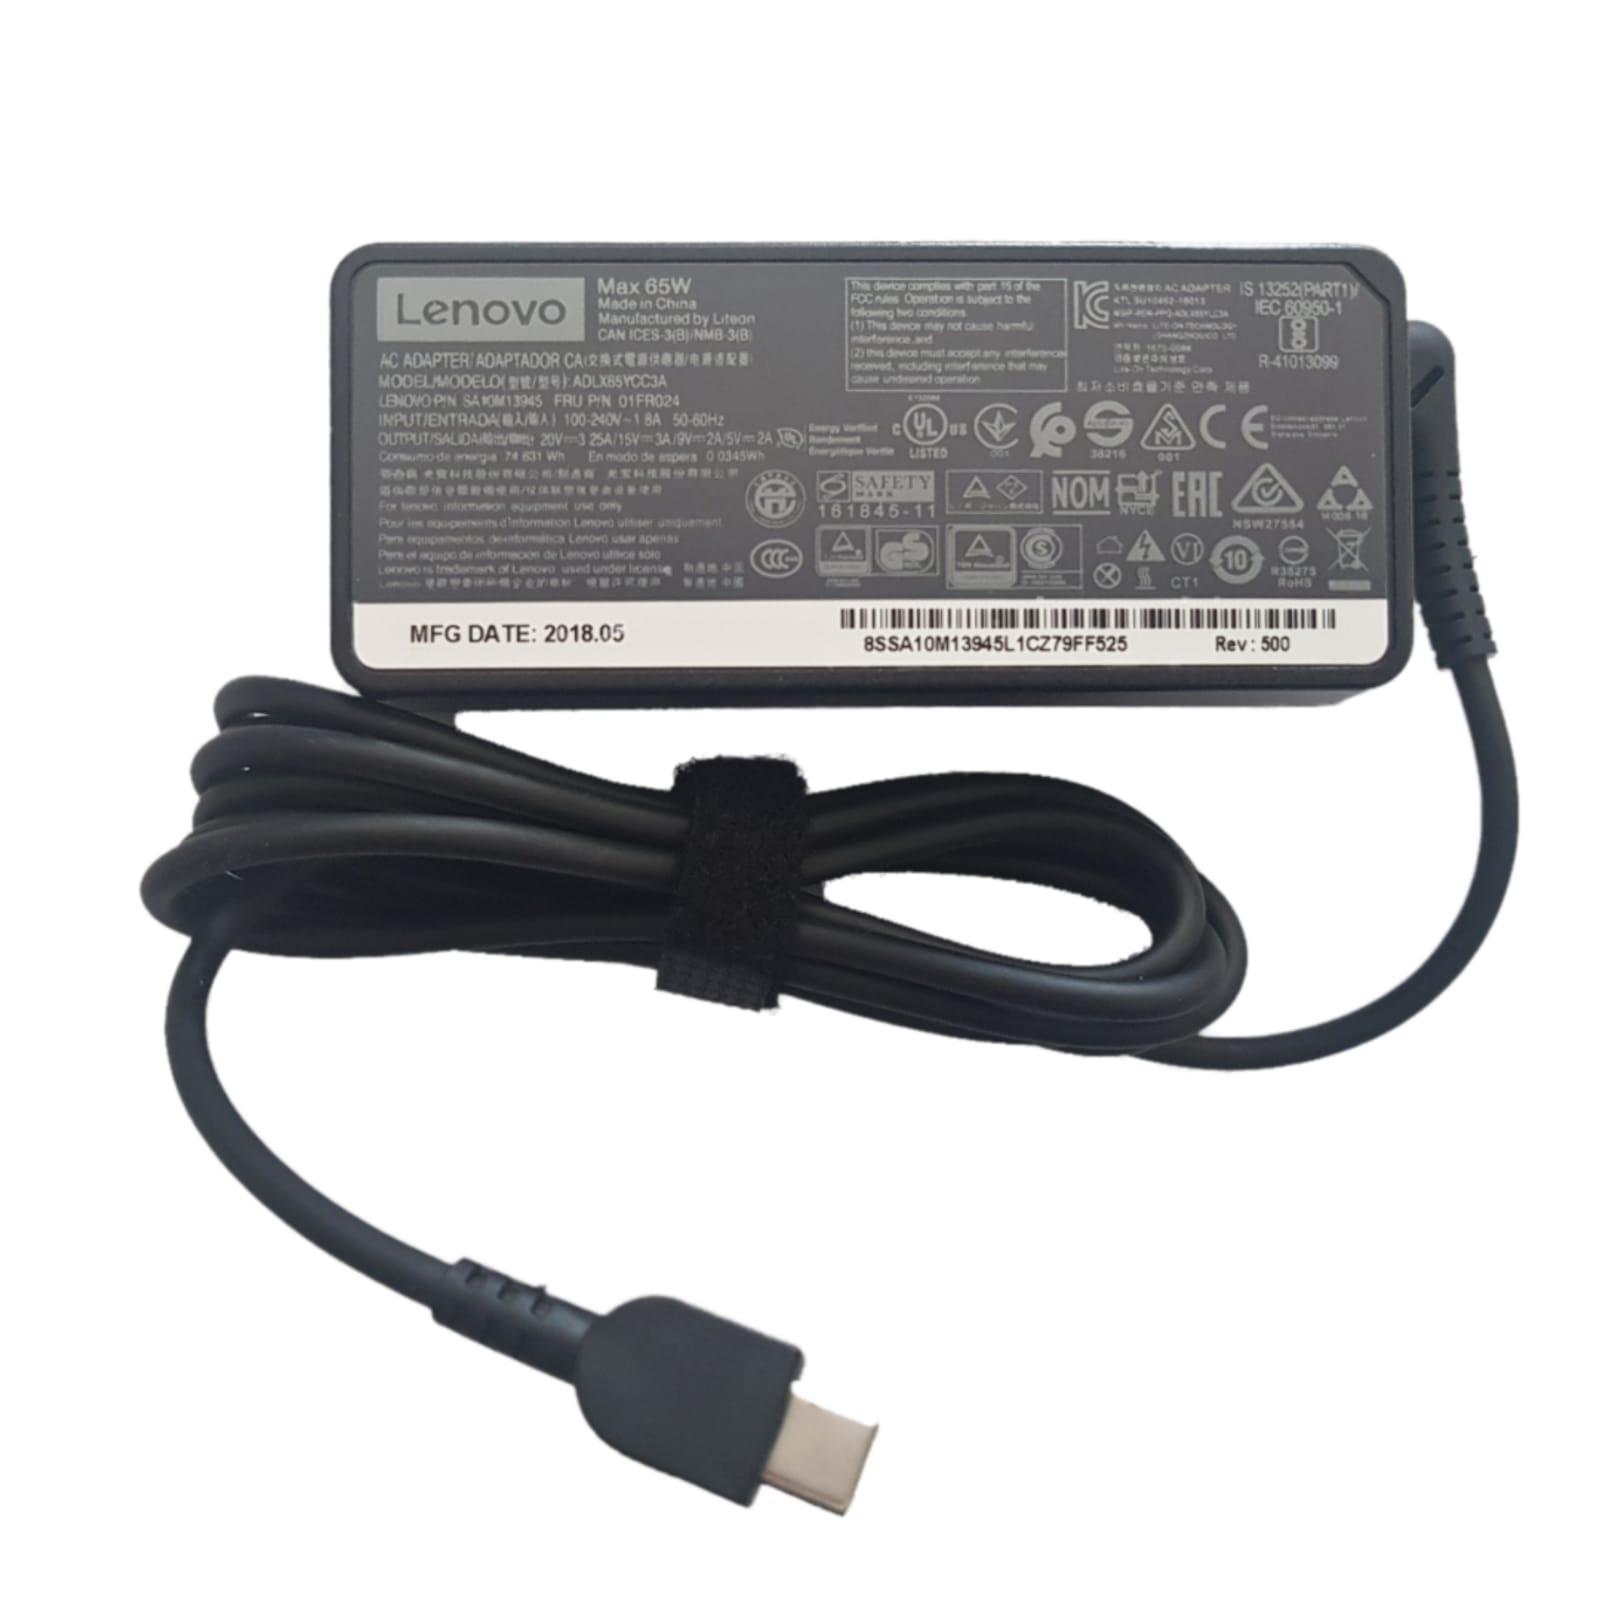 מטען למחשב לנובו Lenovo ThinkPad T470S 20HF